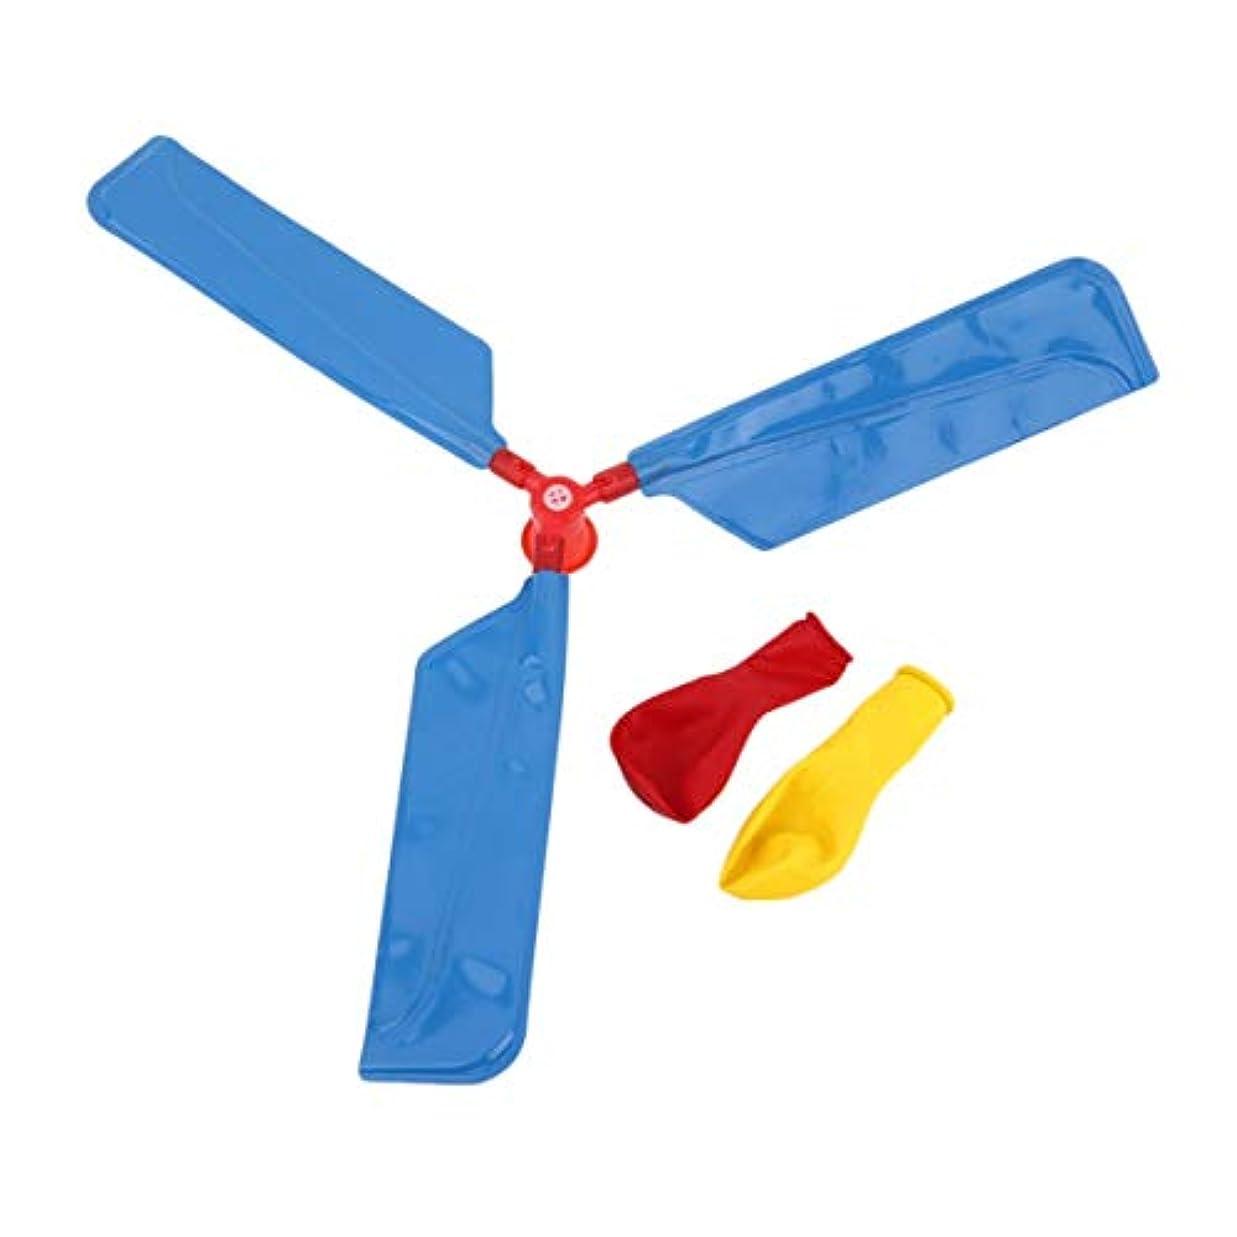 経済無駄感覚バルーンヘリコプター環境クリエイティブ玩具バルーン航空機プロペラキッズ伝統的な古典的な飛行玩具 - ブルー